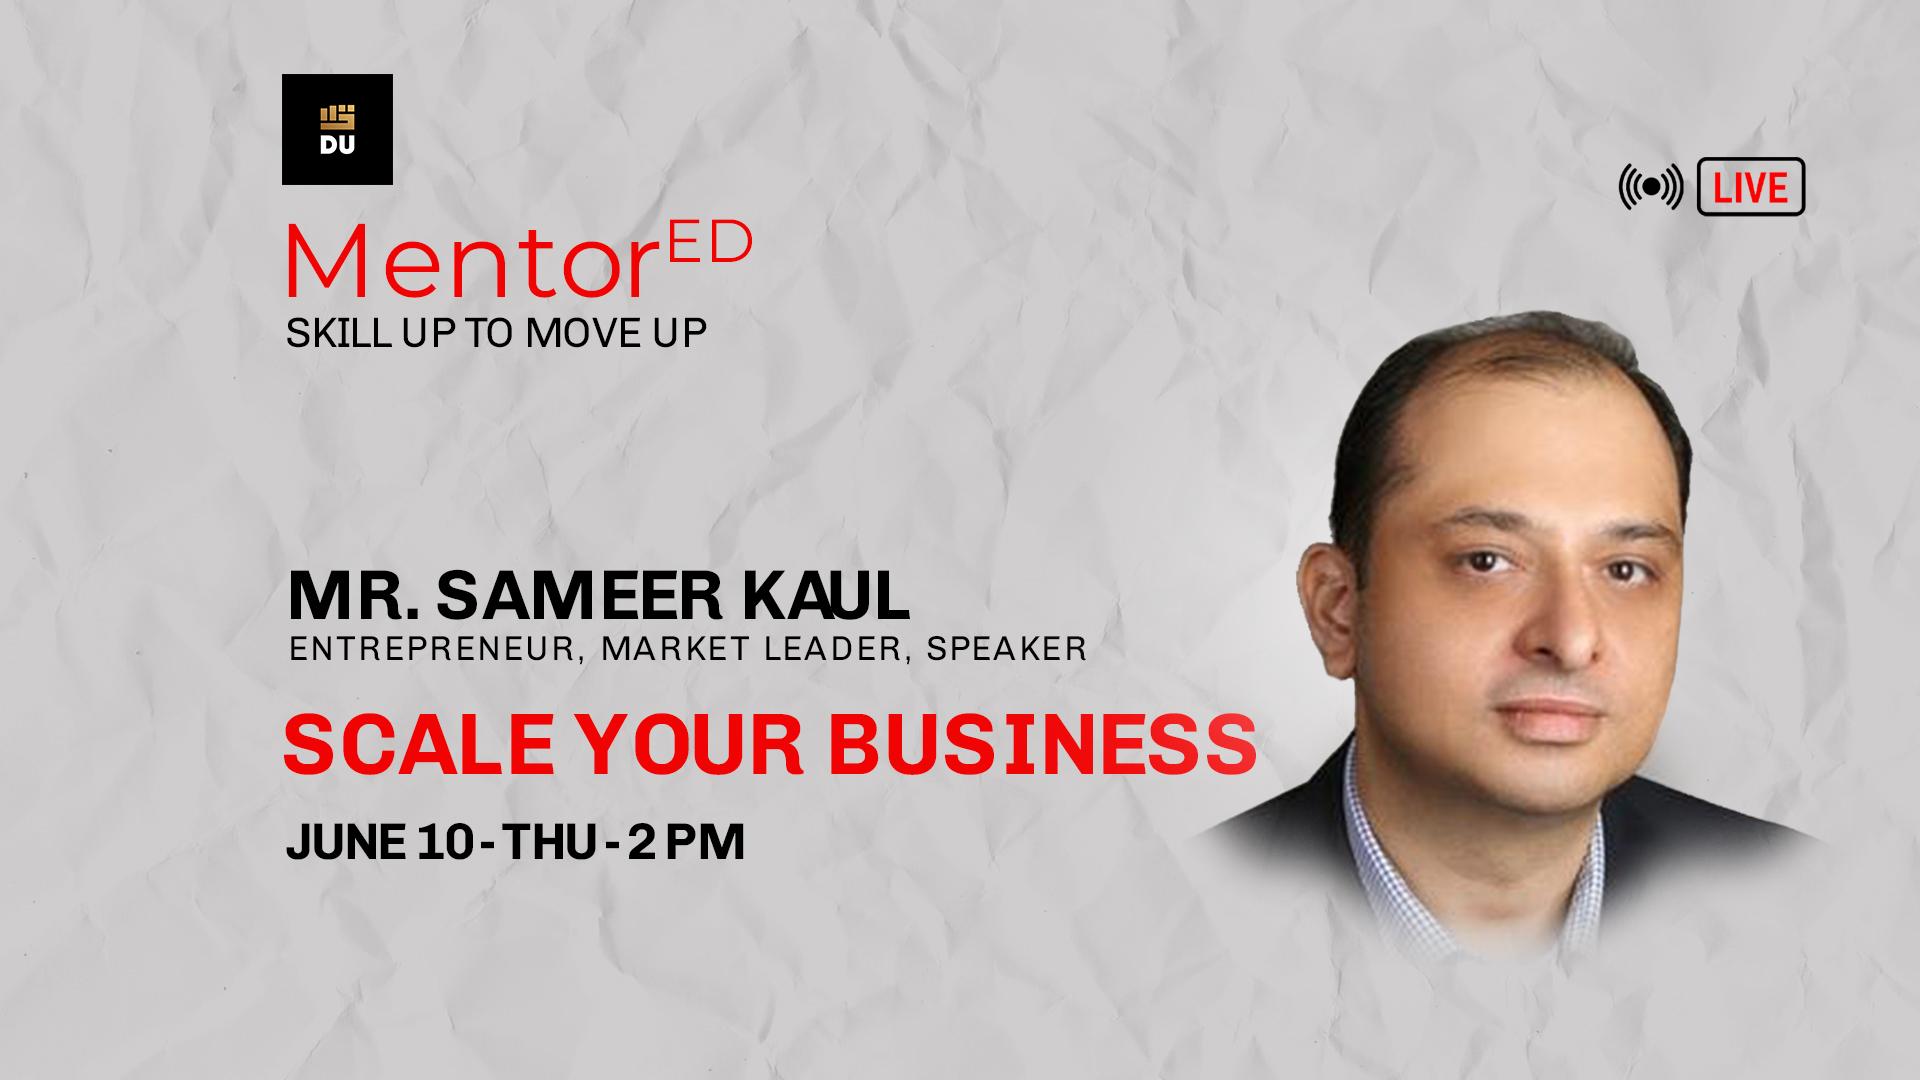 Get MentorEd by Sameer Kaul